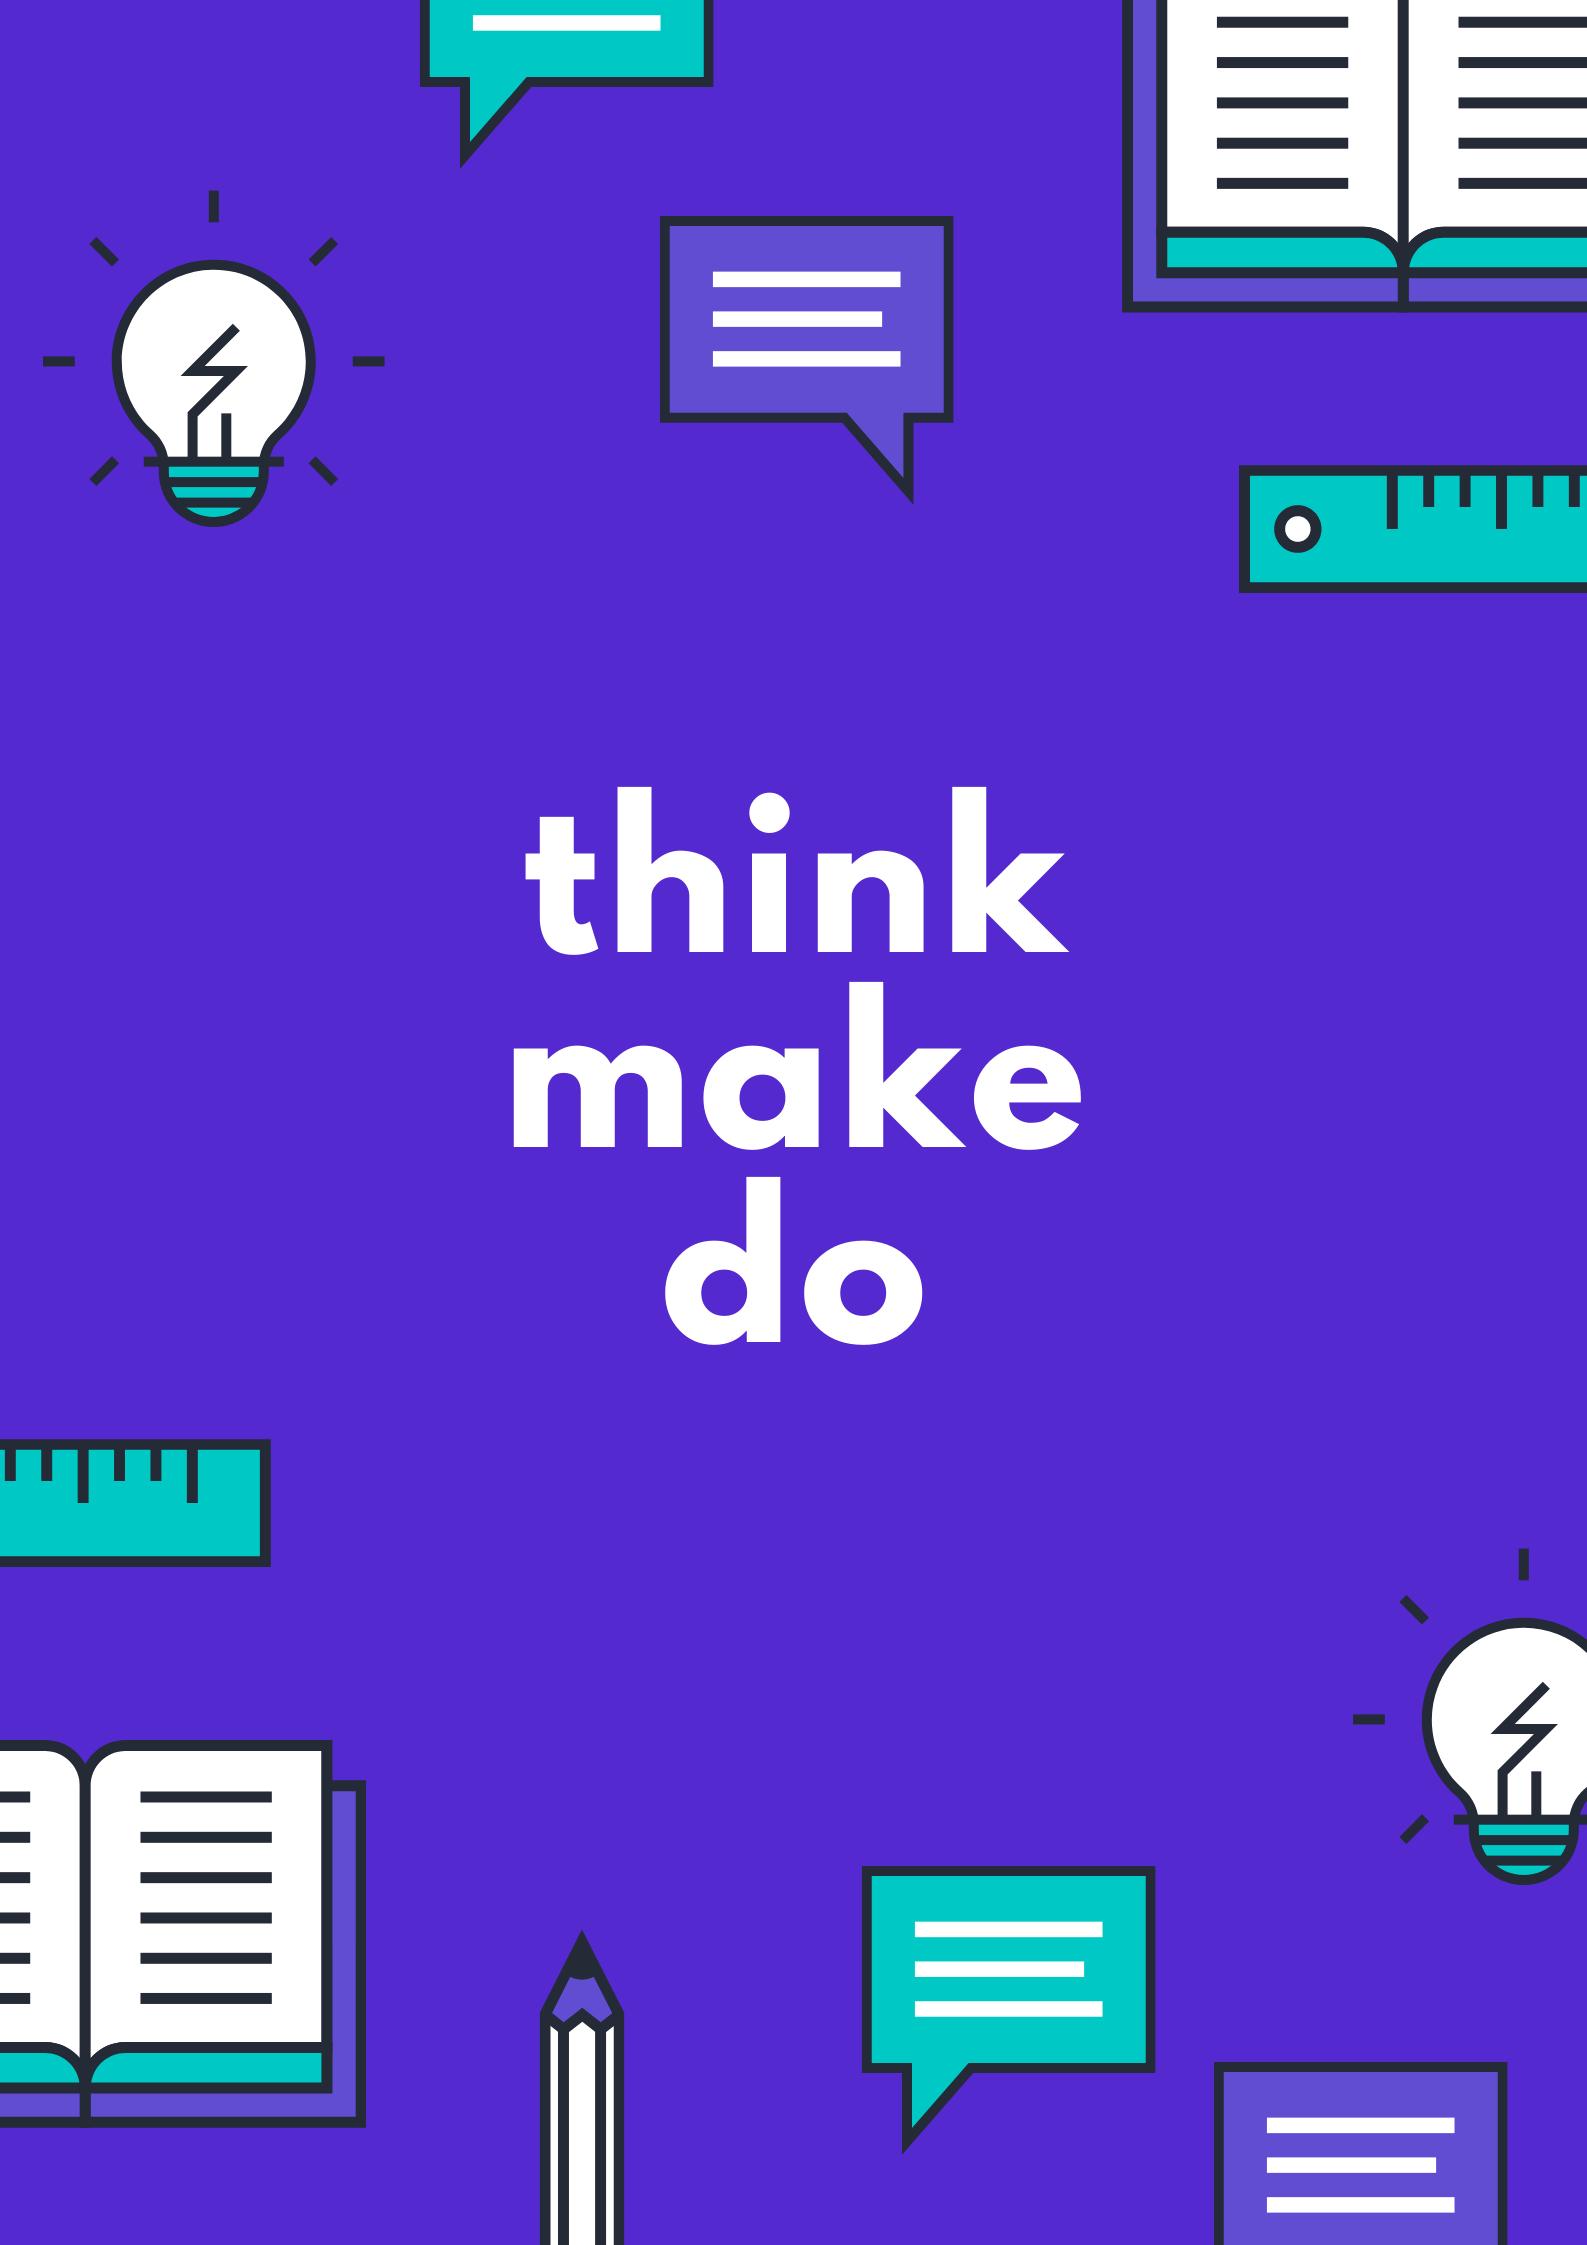 Smartpanel - Think make do